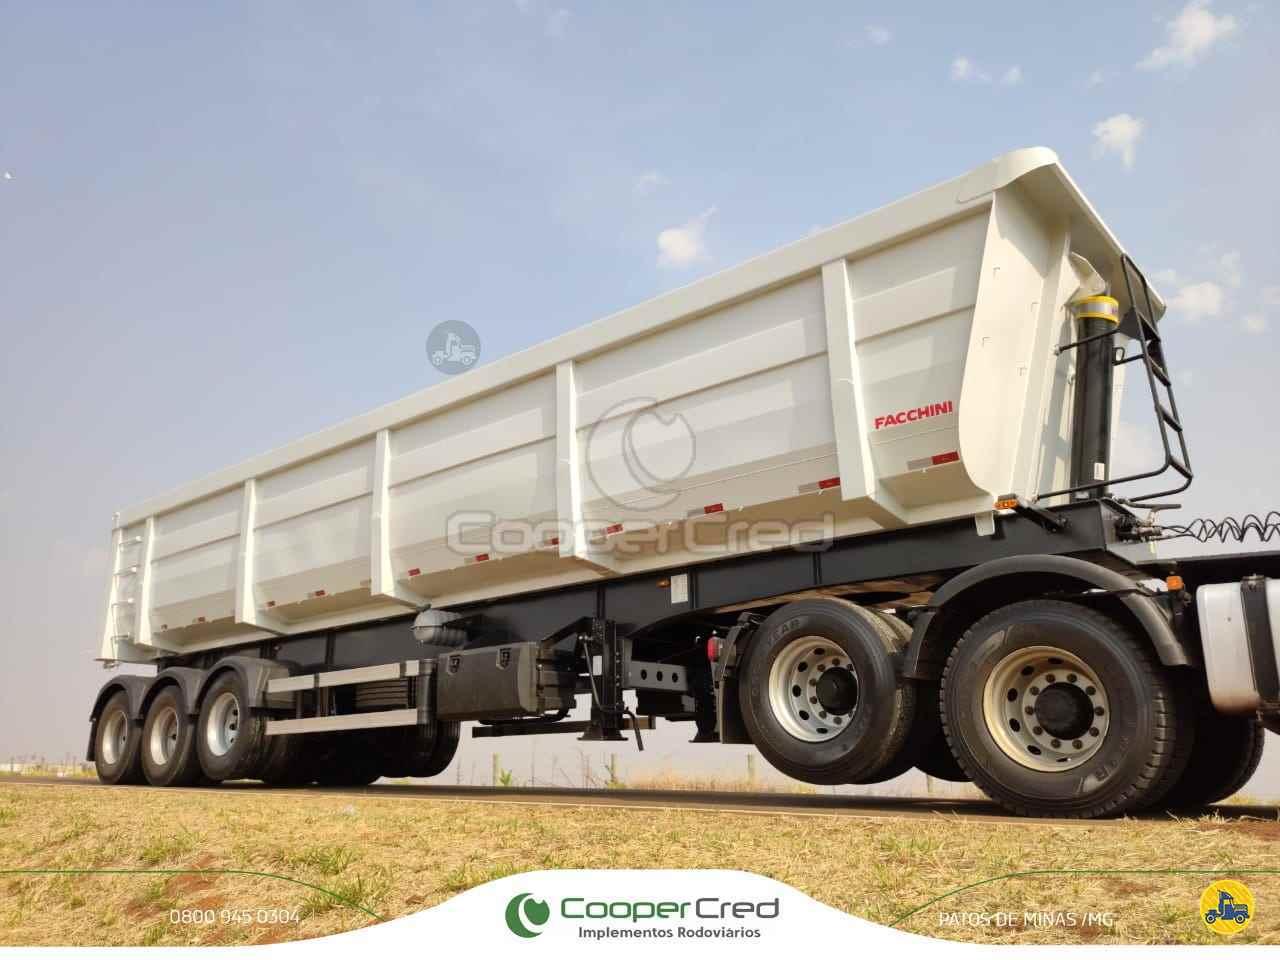 BASCULANTE de Cooper Cred Implementos Rodoviários MG - PATOS DE MINAS/MG